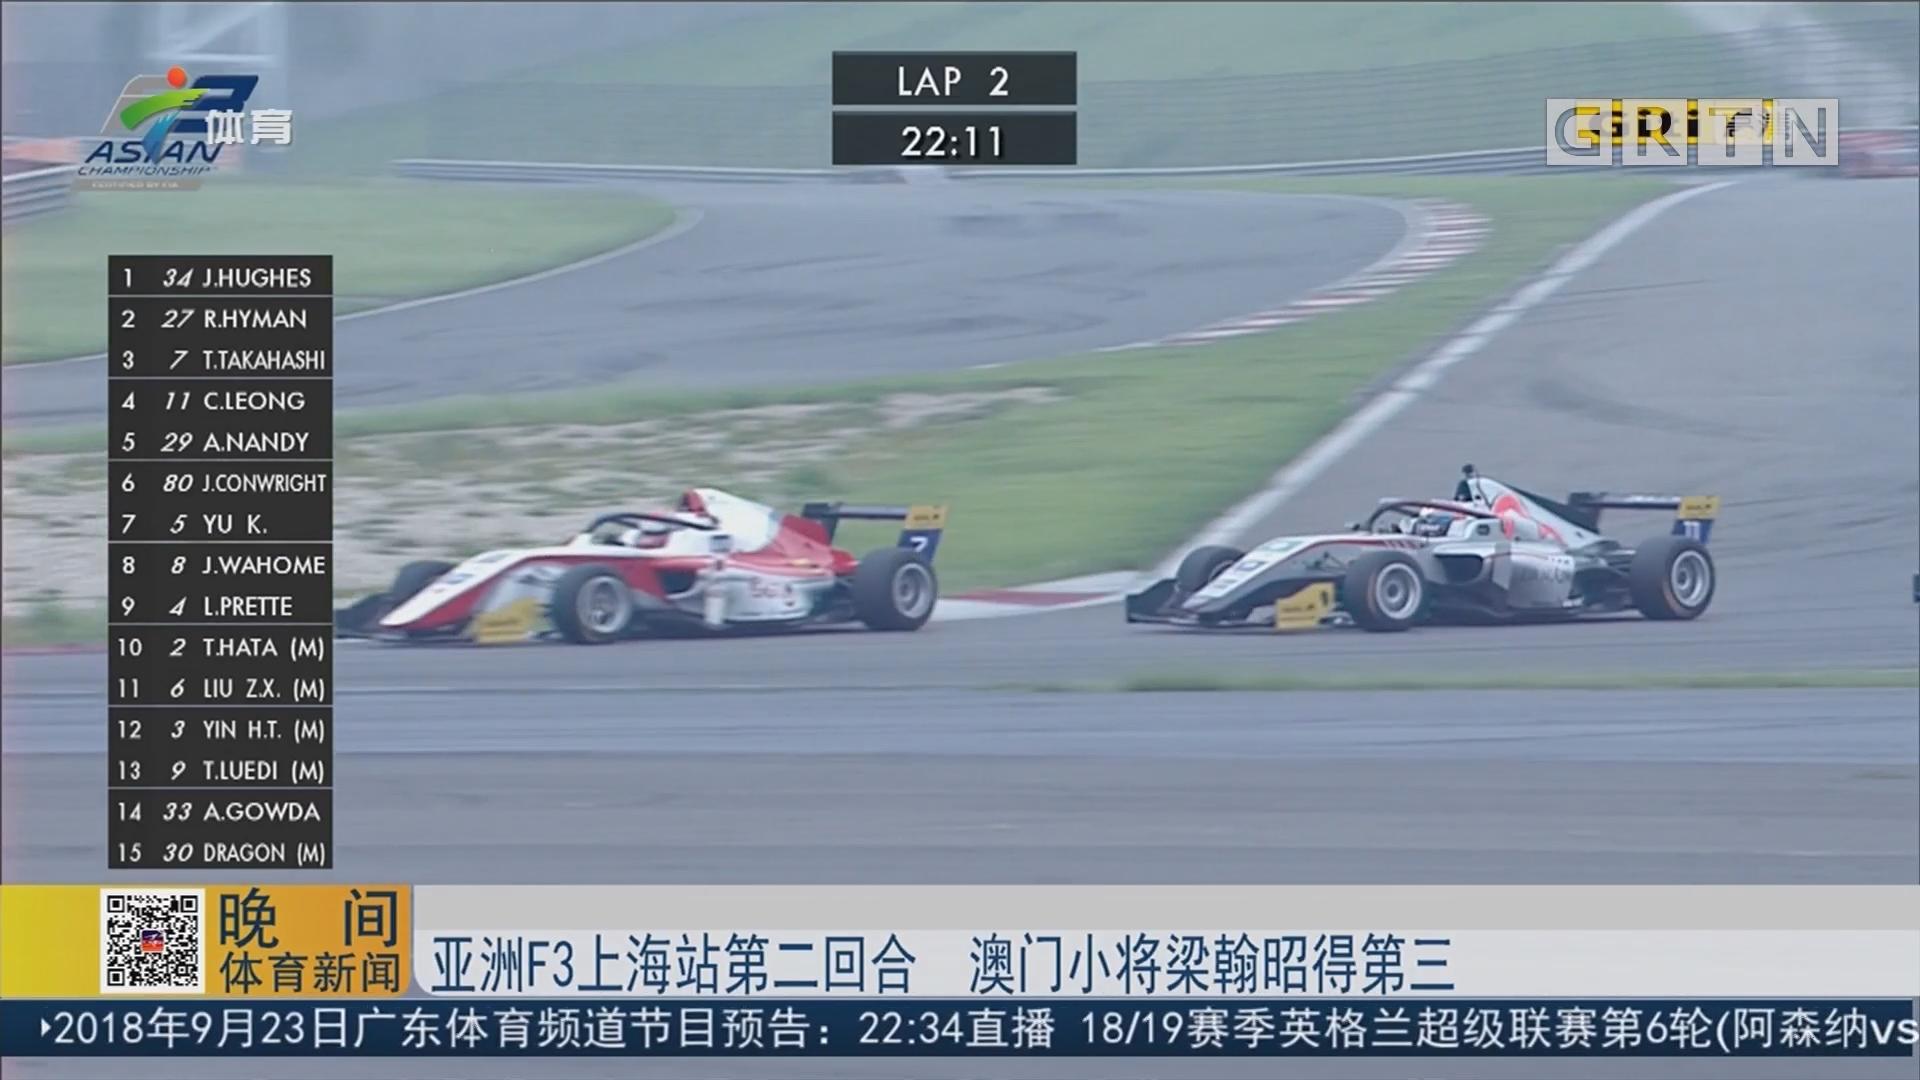 亚洲F3上海站第二回合 澳门小将梁翰昭得第三